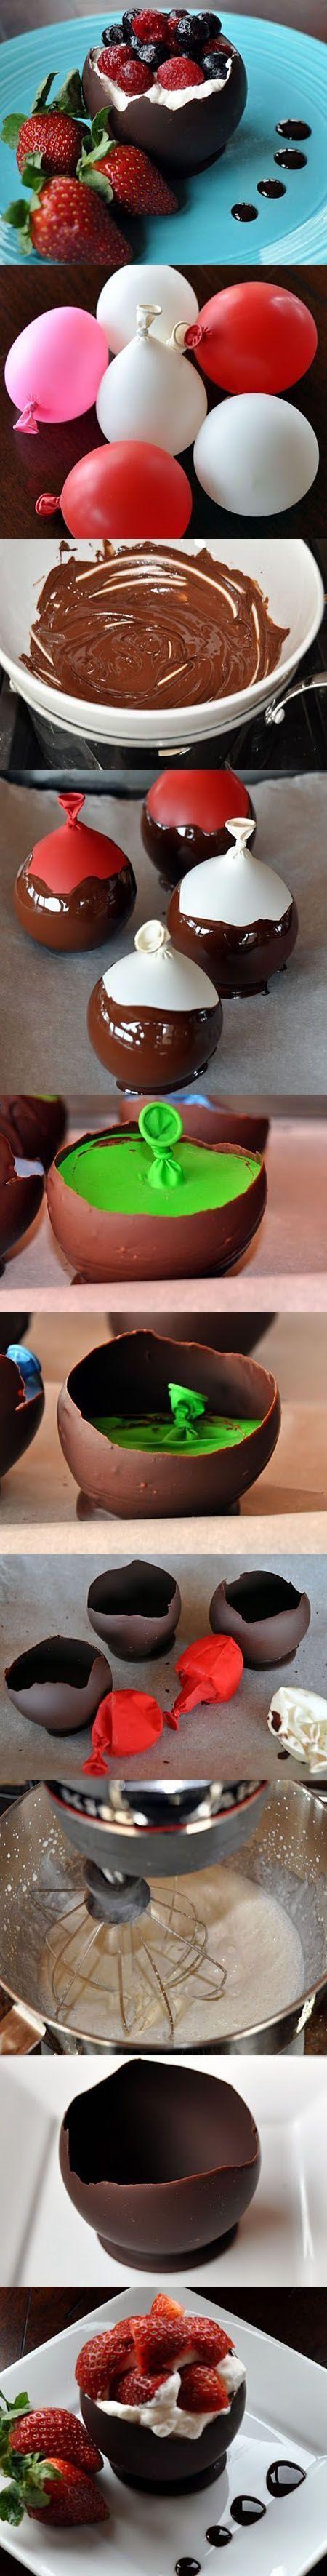 Mmmm chocolade, slagroom en aardbeien! ♥